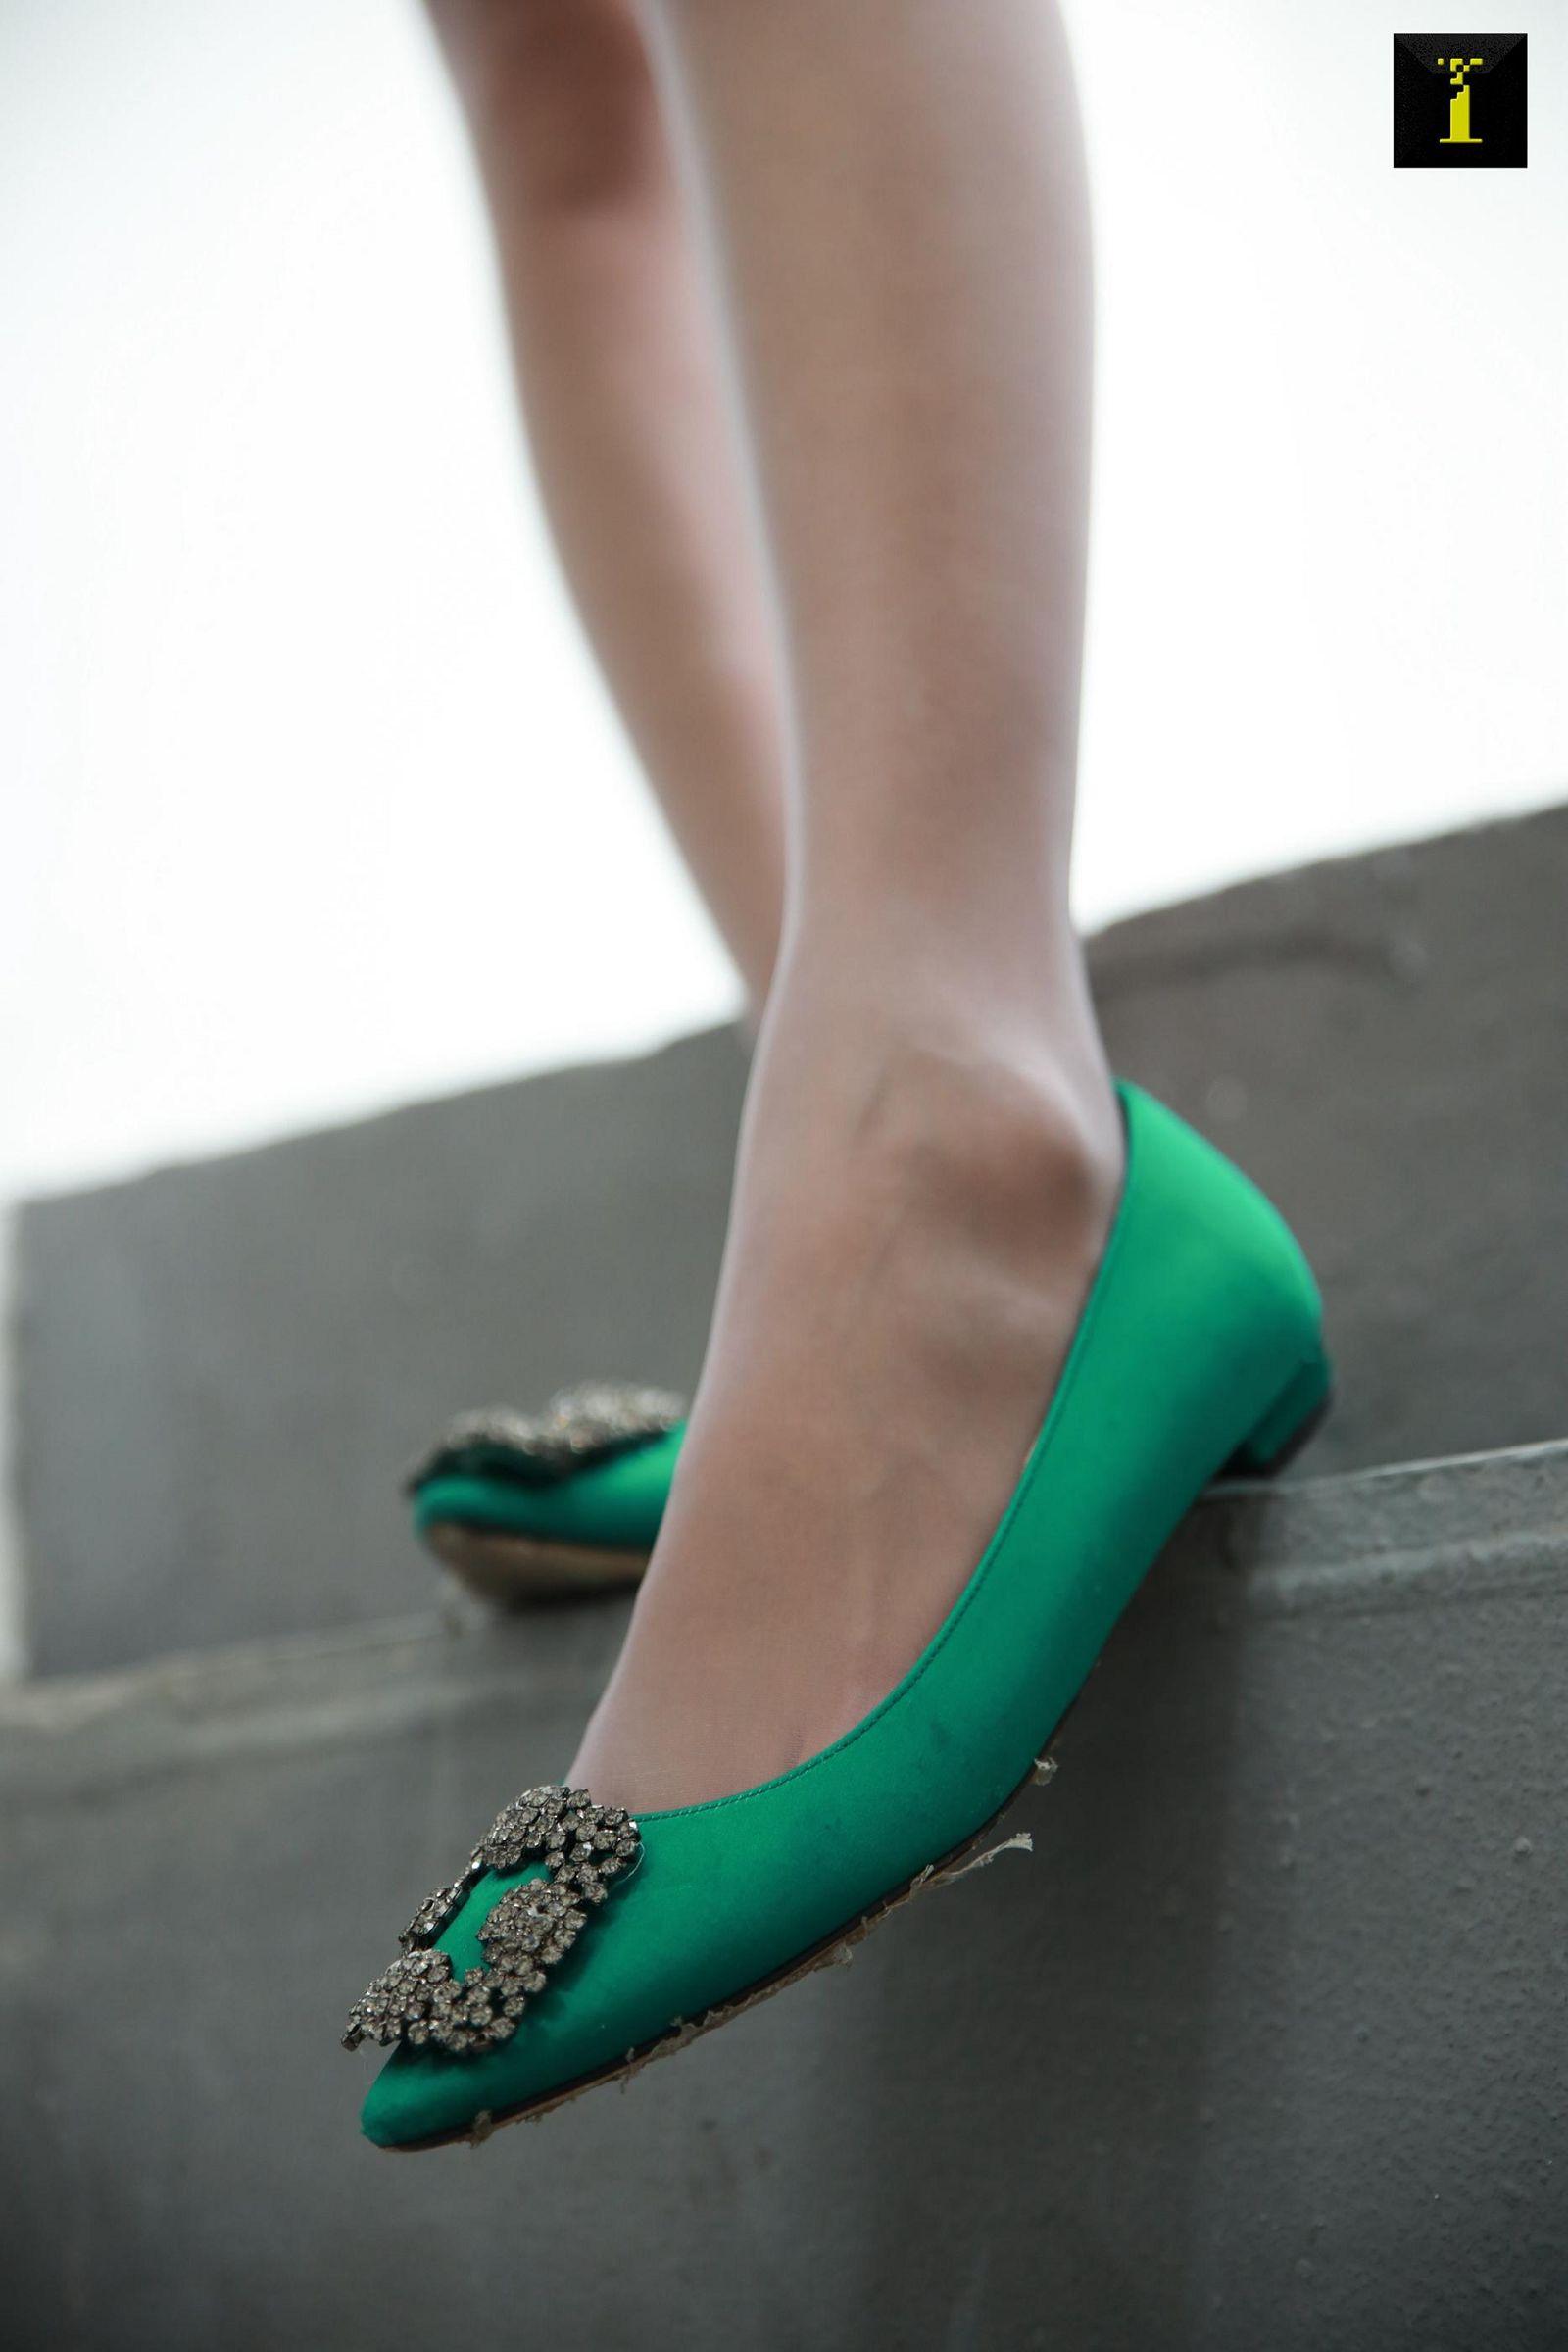 [IESS异思趣向] 2019.12.08 丝享家639:婉萍的绿色平底鞋[90P] 异思趣向 第4张